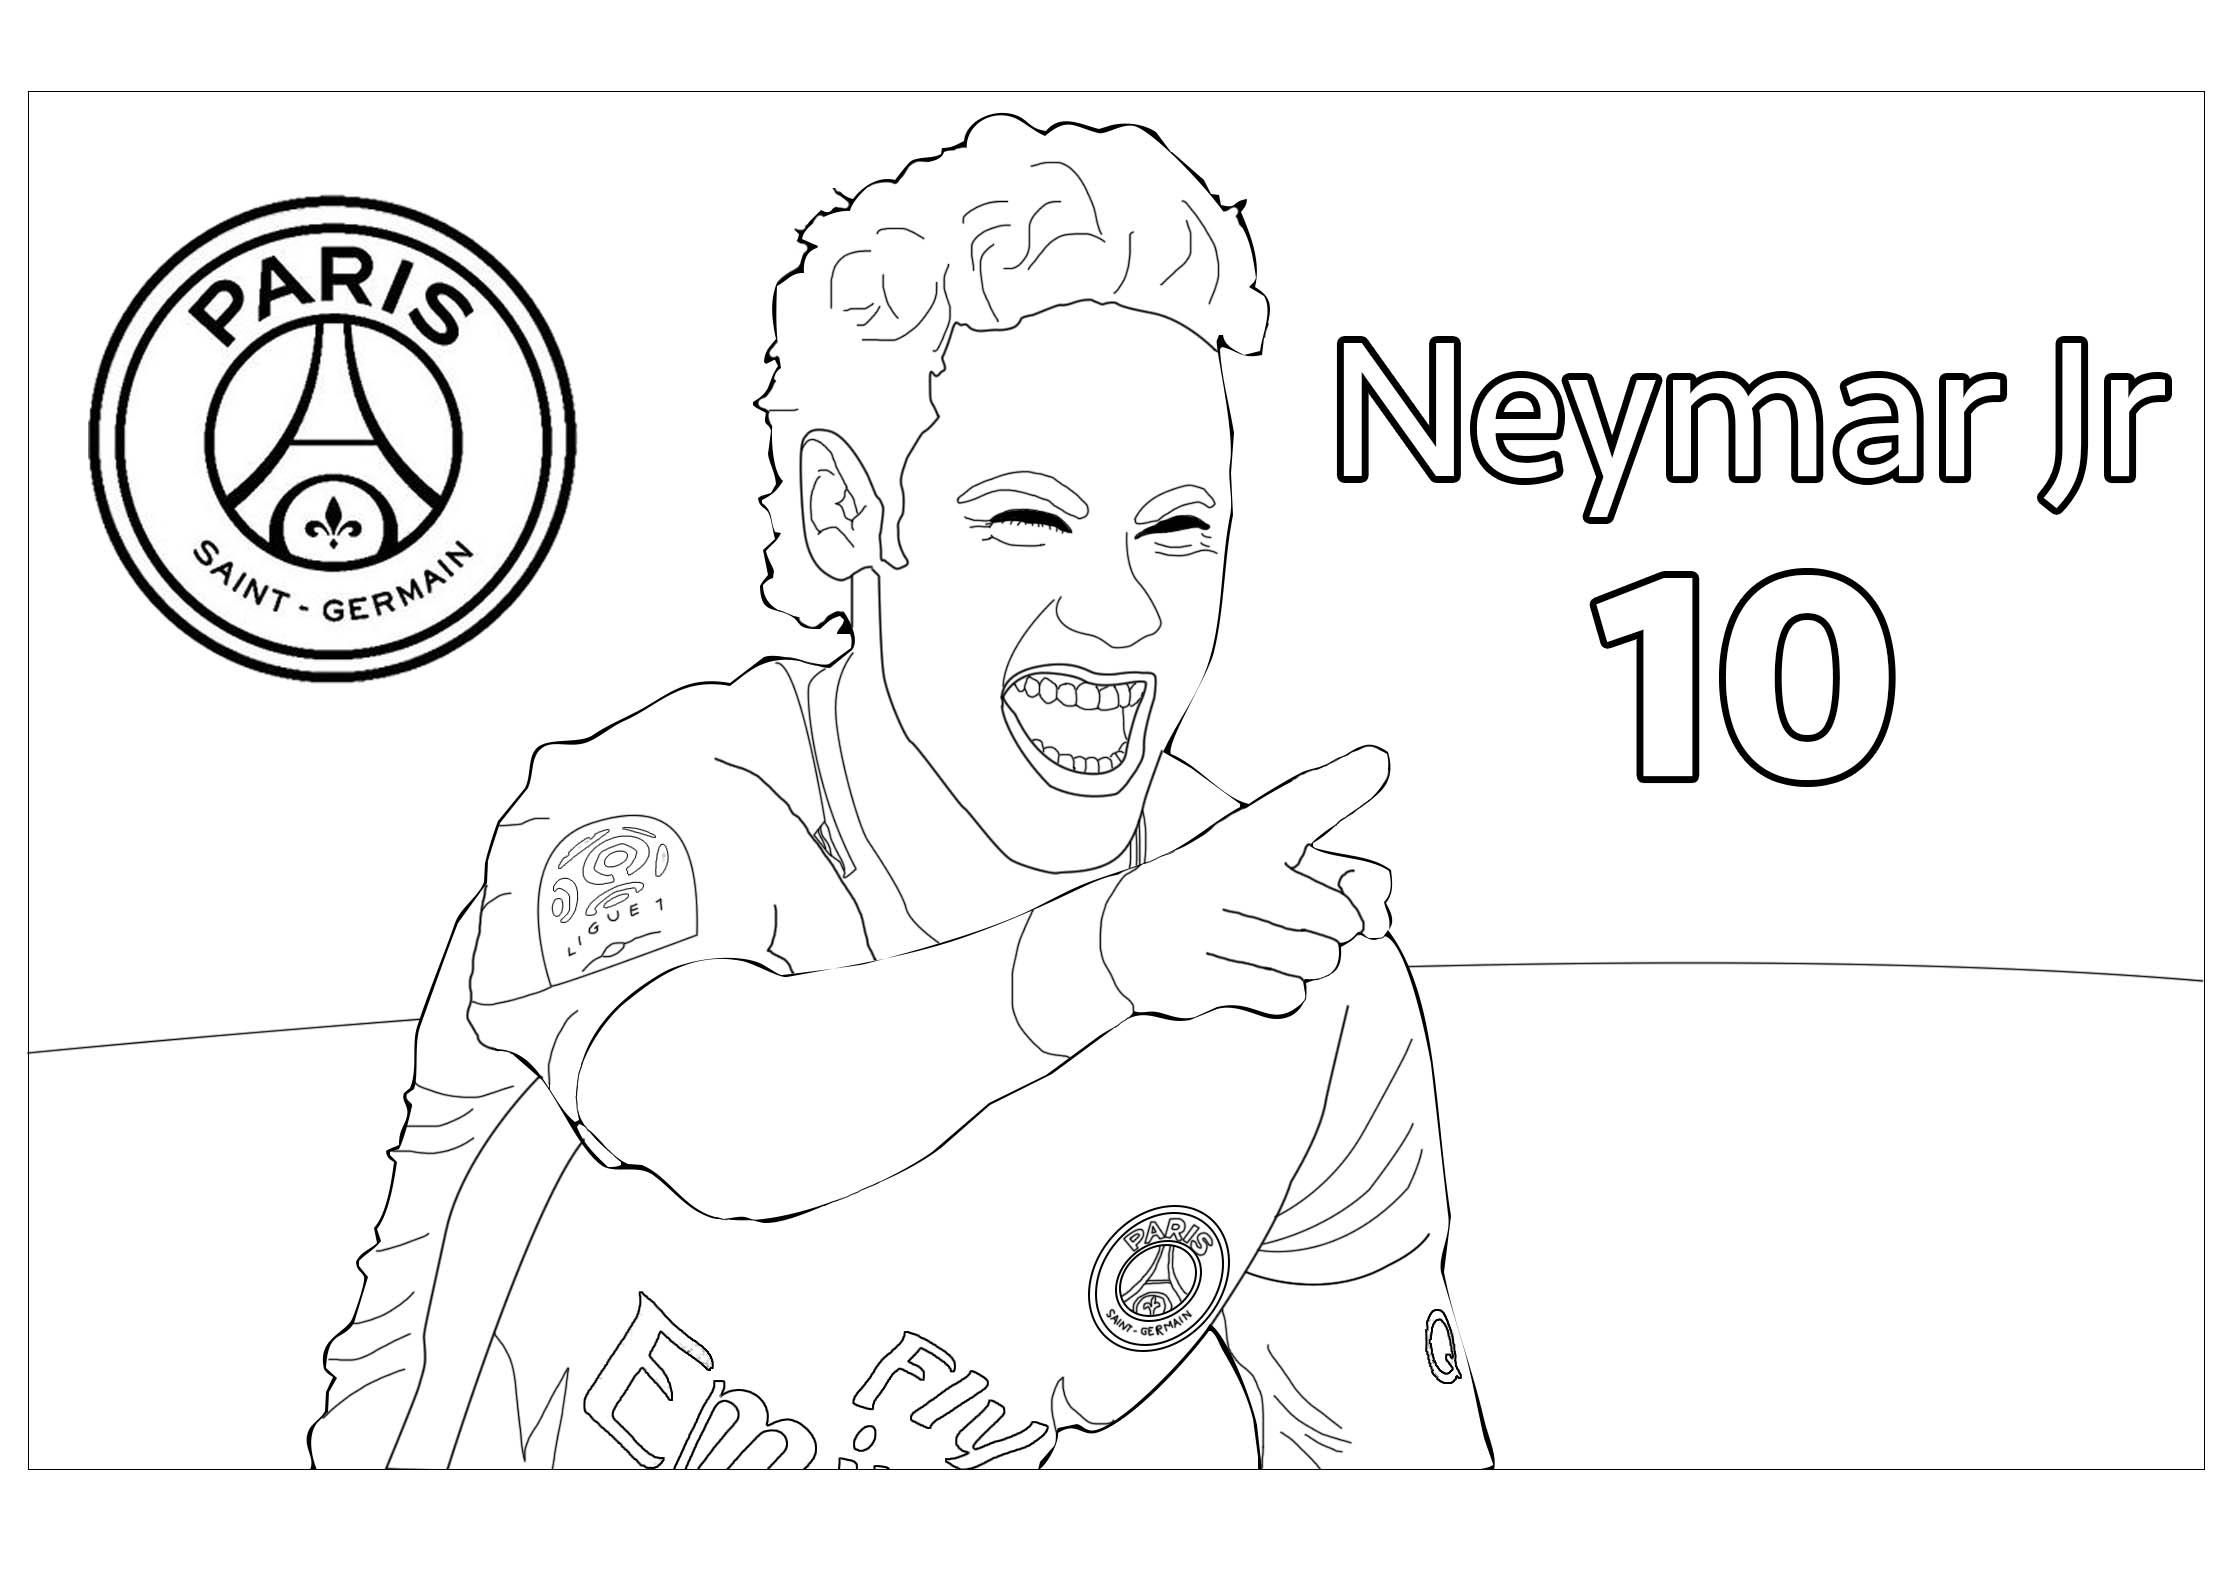 Football Neymar Jr 1 Sport Jeux Olympiques Coloriages Coloriage Foot Dessin Imprimer Gratuit